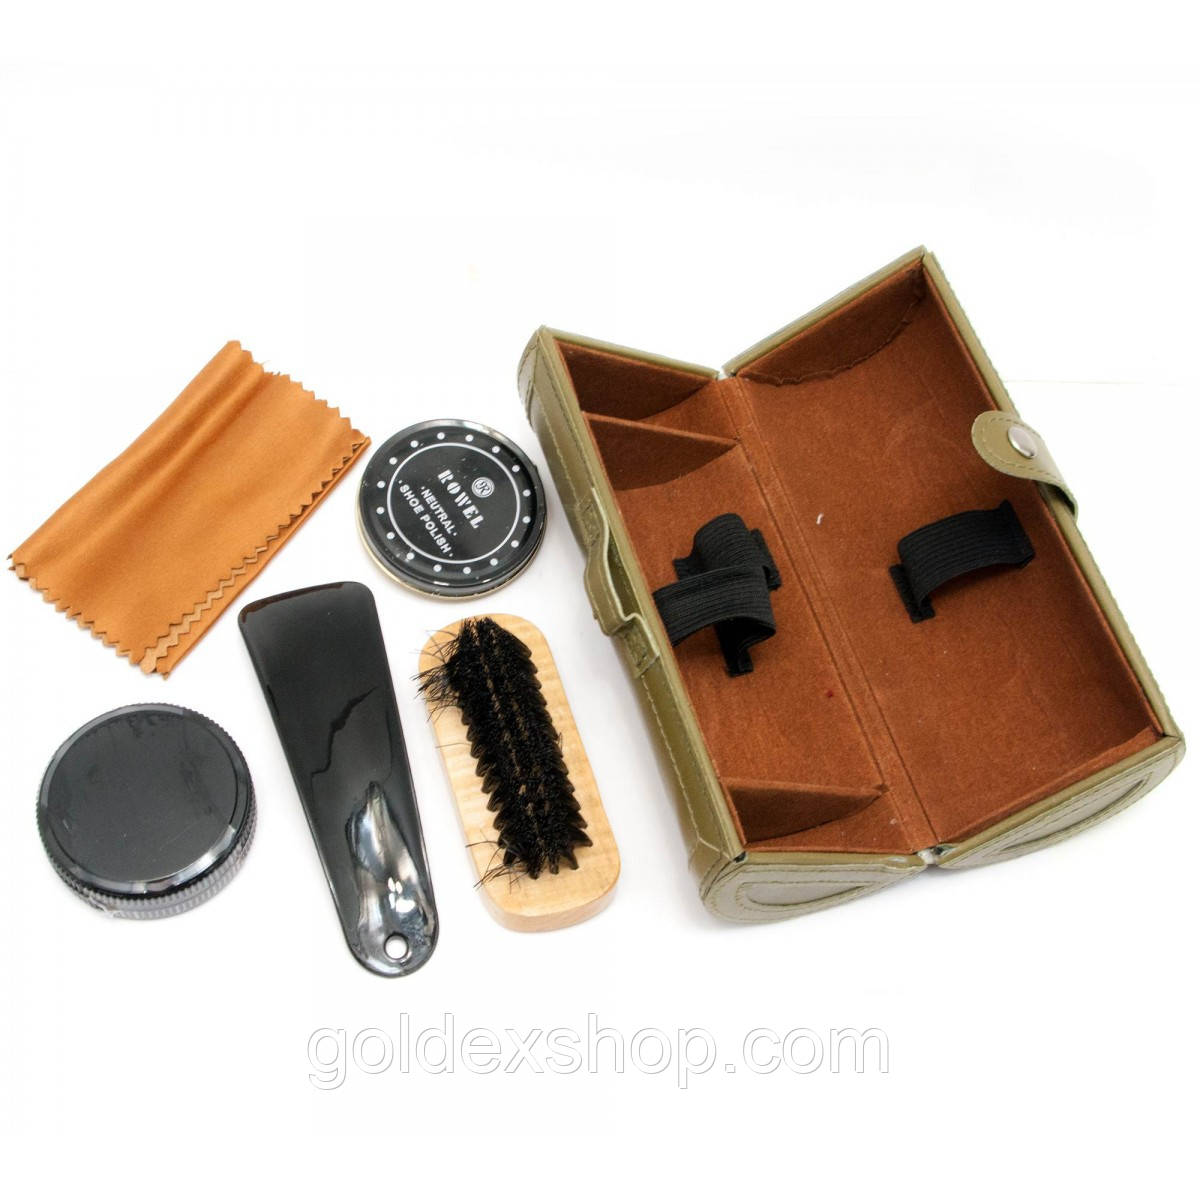 Дорожный набор для ухода за обувью в футляре коричневый (16,5х7х7 см)